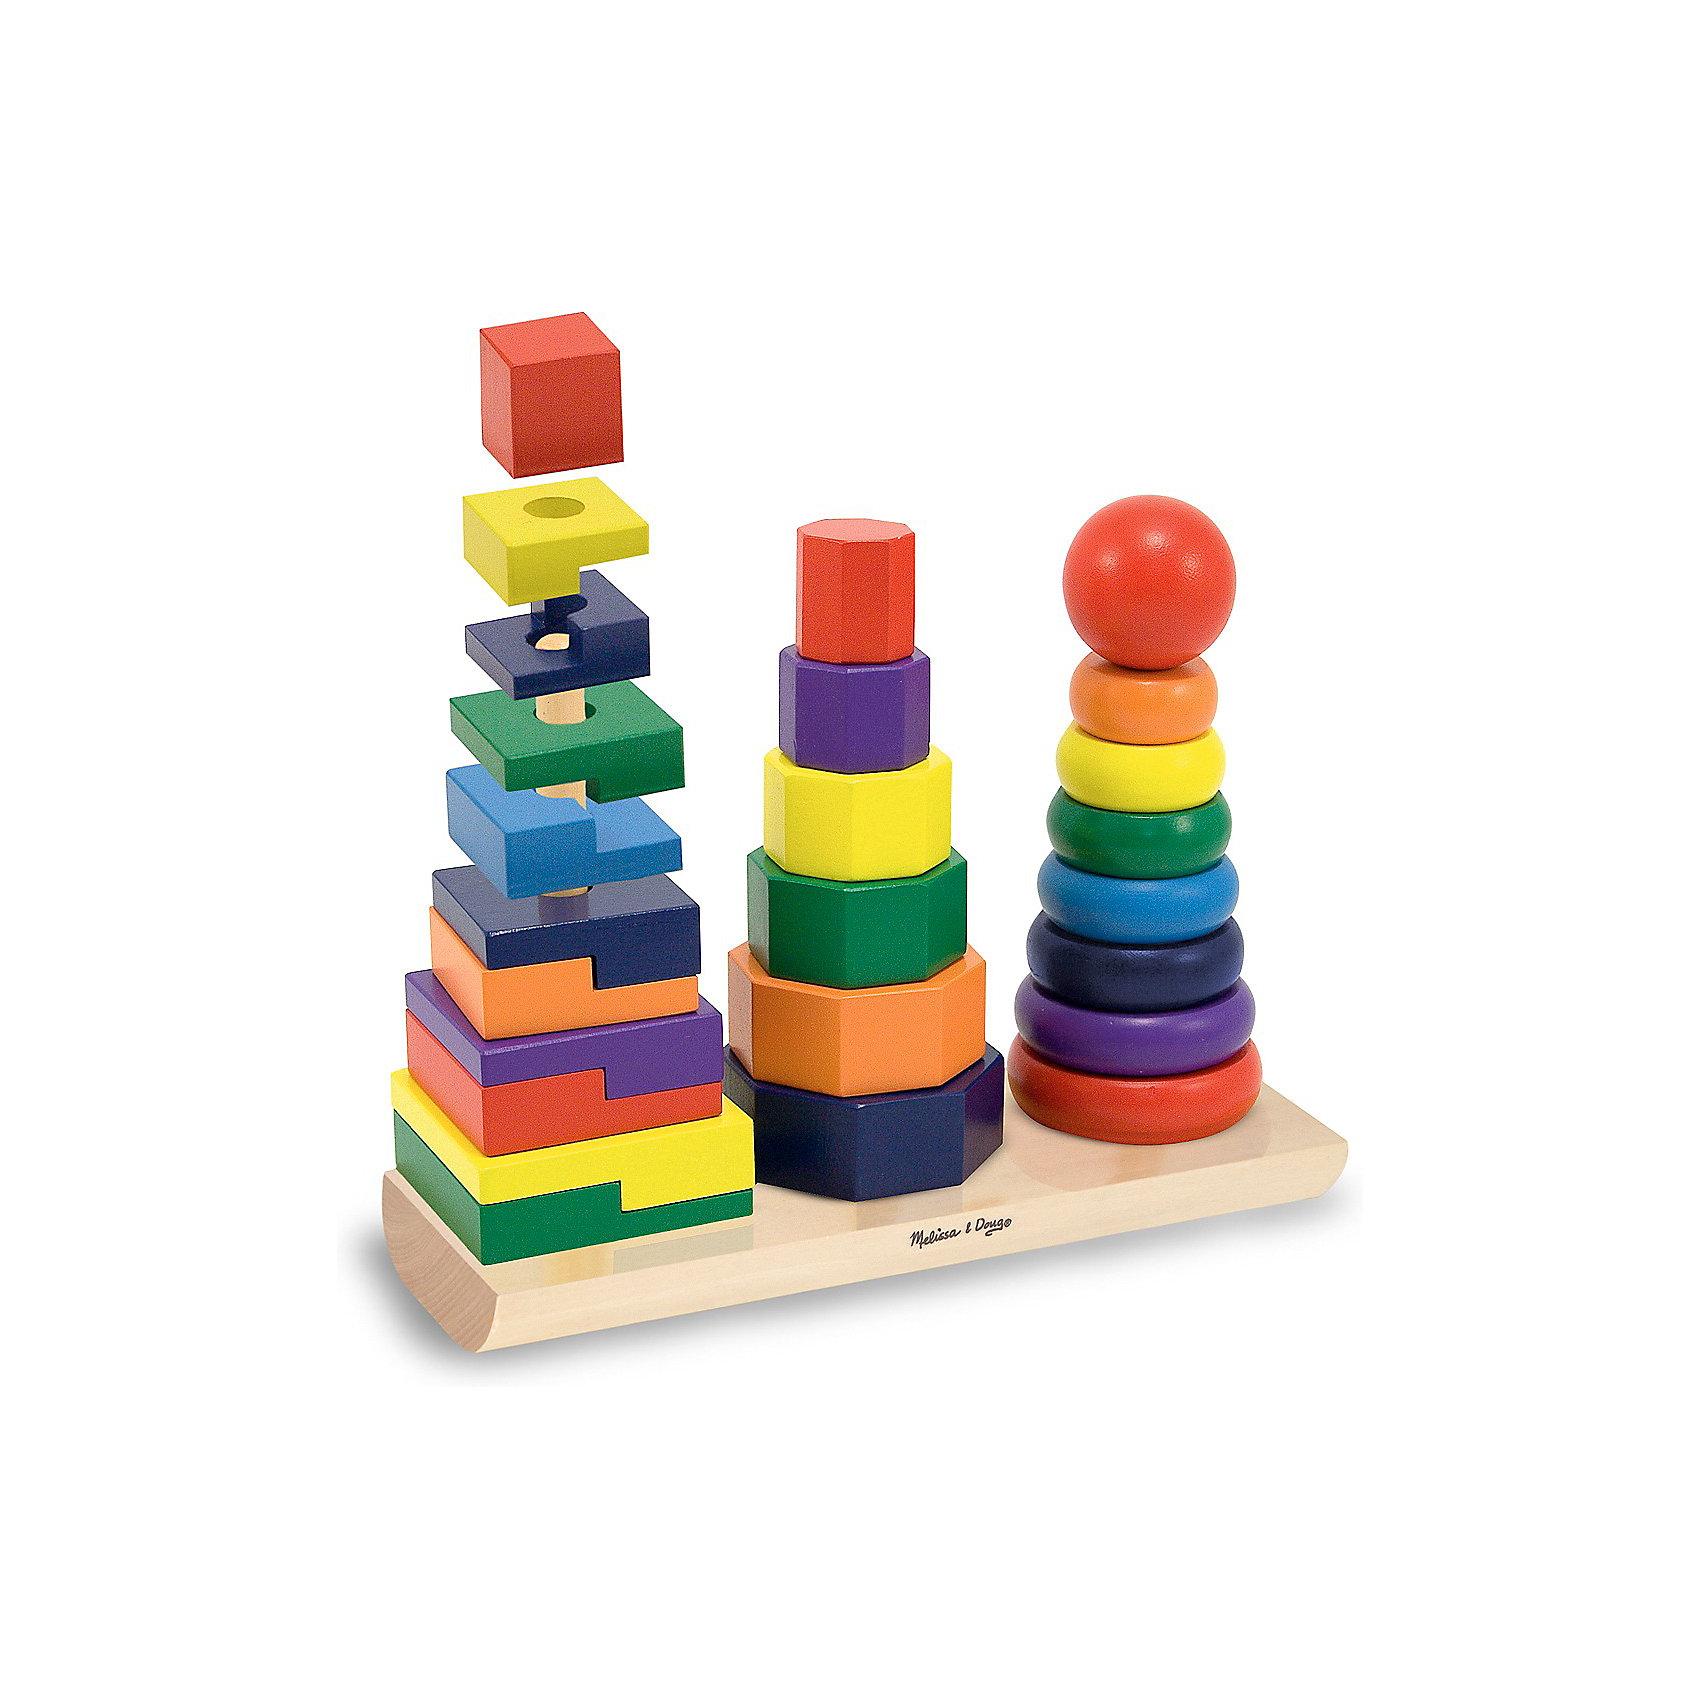 Геометрическая пирамидка, Melissa &amp; DougПирамидки<br>Новое воплощение традиционной развивающей игрушки, которая обязательно увлечет Вашего малыша - красочная геометрическая пирамидка, Melissa &amp; Doug. На одном основании целых три стержня с деталями разной формы и размера. Деревянная пирамидка сделана с особой тщательностью. Экологически безопасный и приятный живой материал хорошо обработан и окрашен нетоксичными красителями. Сначала просто перебирая, затем надевая колечки, восьмиугольники и кубики причудливой формы на соответствующие стержни, подбирая их по размеру, цвету или форме малыш на практике изучит понятия больше-меньше, выучит цвета и формы. Играя, малыш тренирует мелкую моторику, внимательность, логическое мышление. Играйте и наслаждайтесь вместе с  Melissa &amp; Doug!<br><br>Дополнительная информация:<br><br>- Три пирамидки на одном основании;<br>- Потрясающие подарок для малышей;<br>- Отличный тренажер мелкой моторики;<br>- Красочный дизайн;<br>- Материал: натуральное дерево, безопасная краска;<br>- Размер упаковки: 29 х 9 х 22 см;<br>- Вес: 1,17 кг<br><br>Геометрическую пирамидку, Melissa &amp; Doug  можно купить в нашем интернет-магазине.<br><br>Ширина мм: 290<br>Глубина мм: 90<br>Высота мм: 220<br>Вес г: 1178<br>Возраст от месяцев: 24<br>Возраст до месяцев: 48<br>Пол: Унисекс<br>Возраст: Детский<br>SKU: 3861967